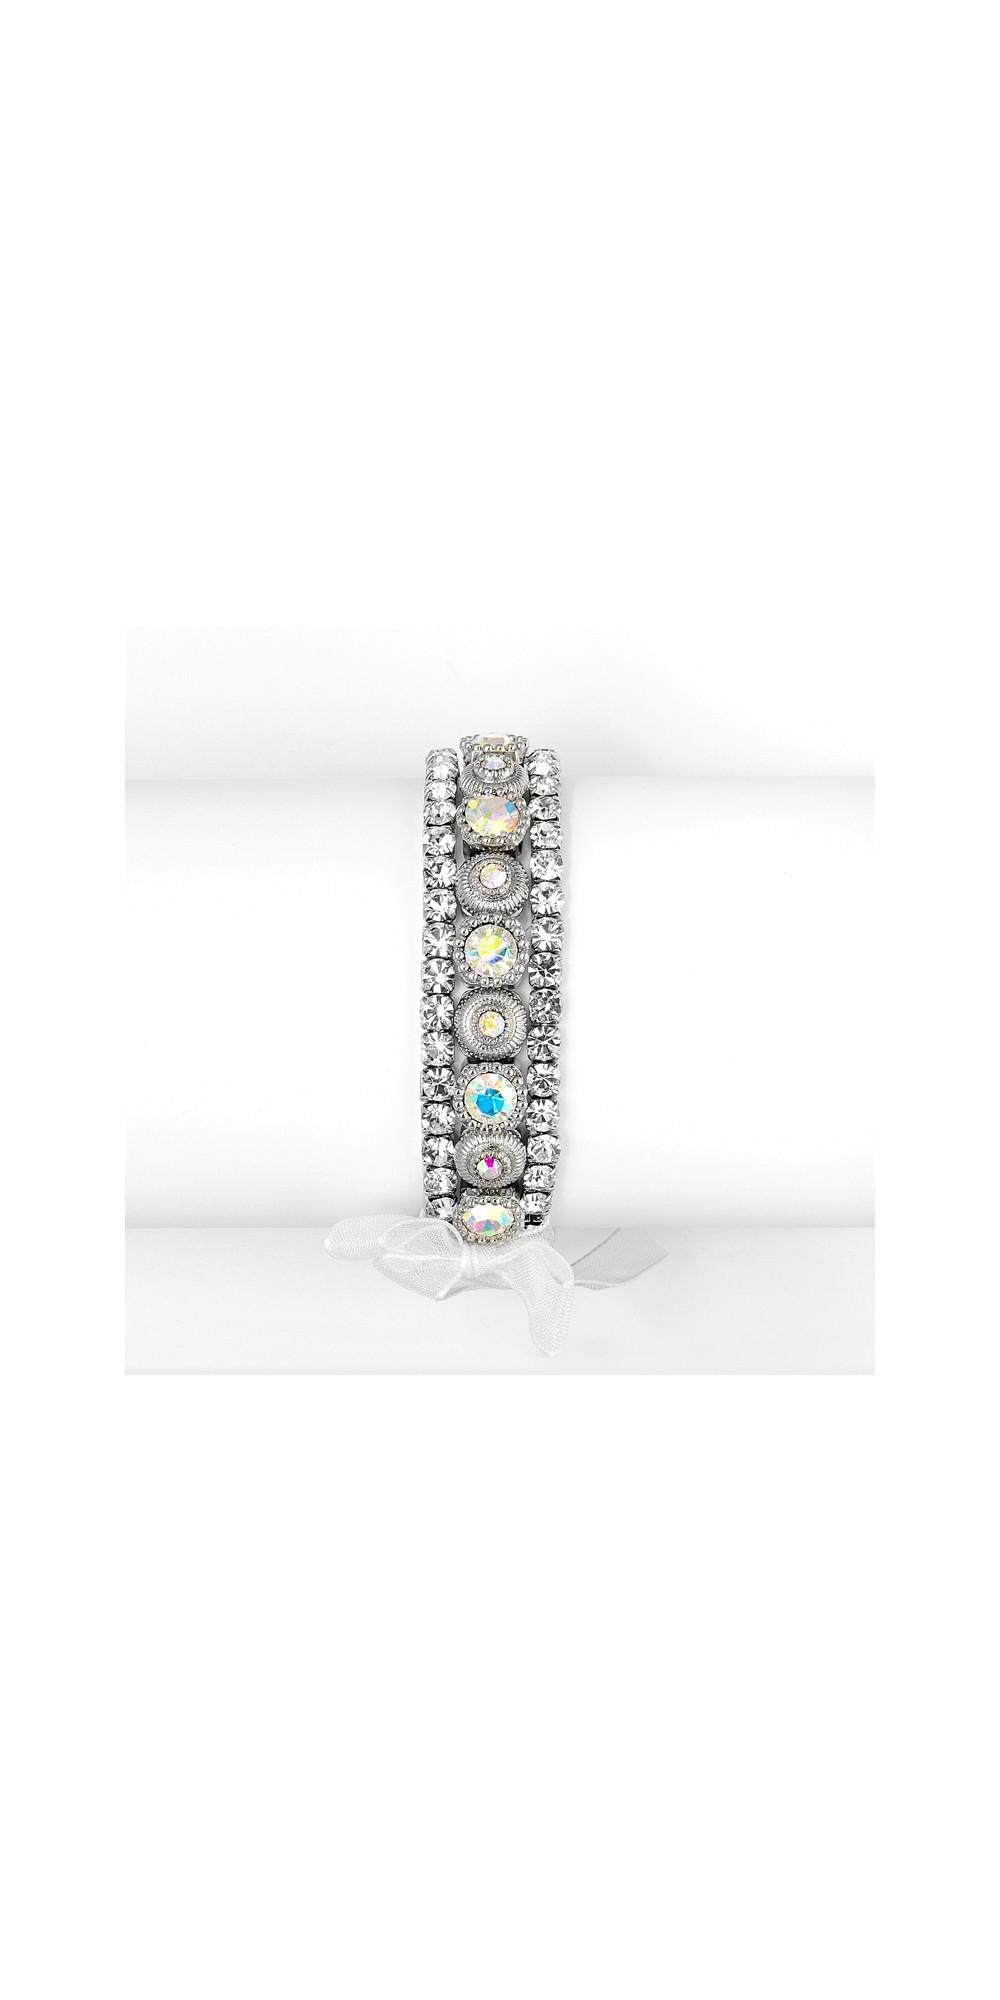 3 Pc Bezel Set Crystal Wedding Or Party Bracelet